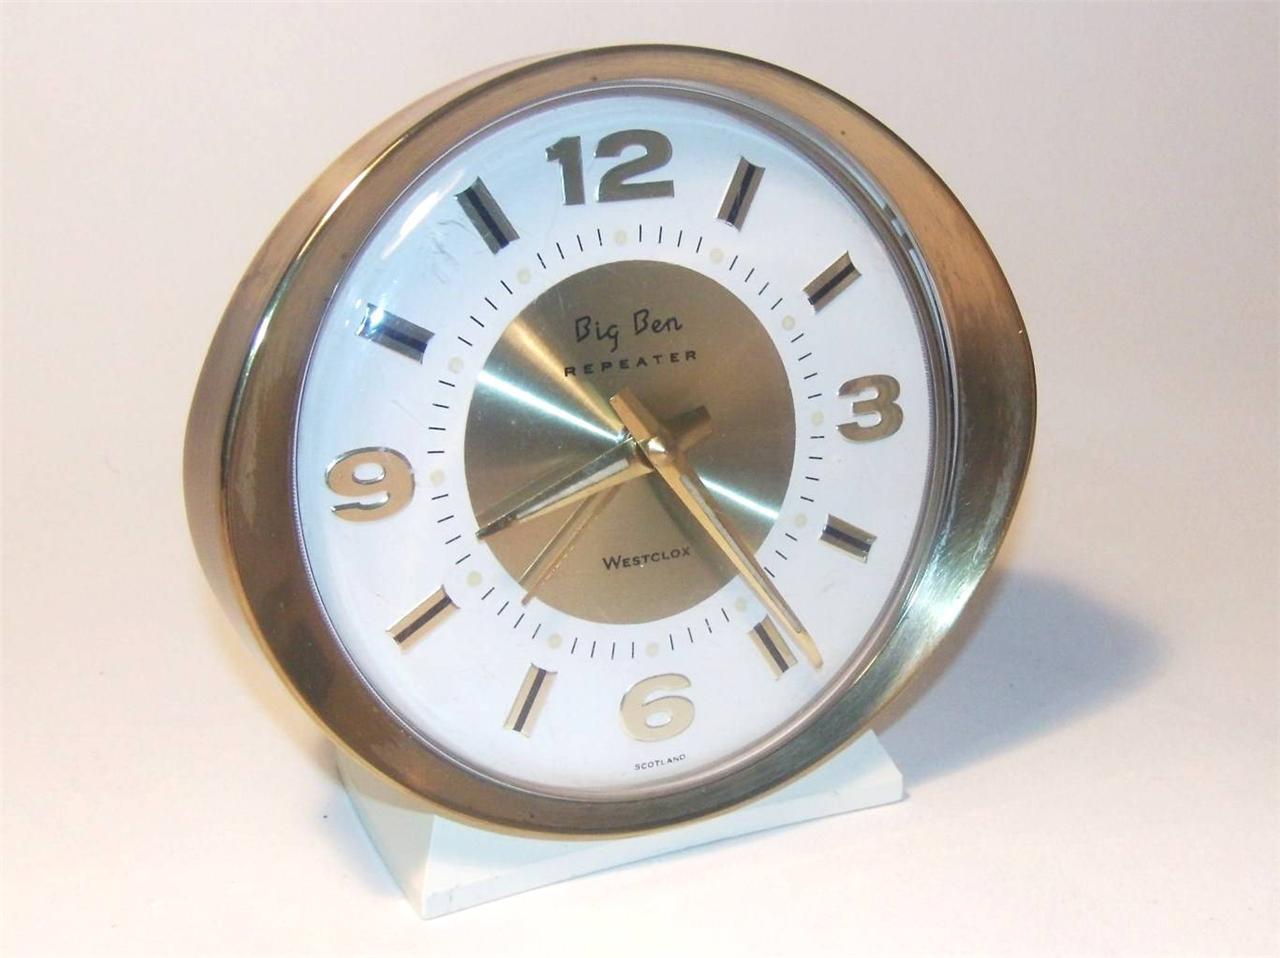 British Made Watches And Clocks And British Made Watch Straps